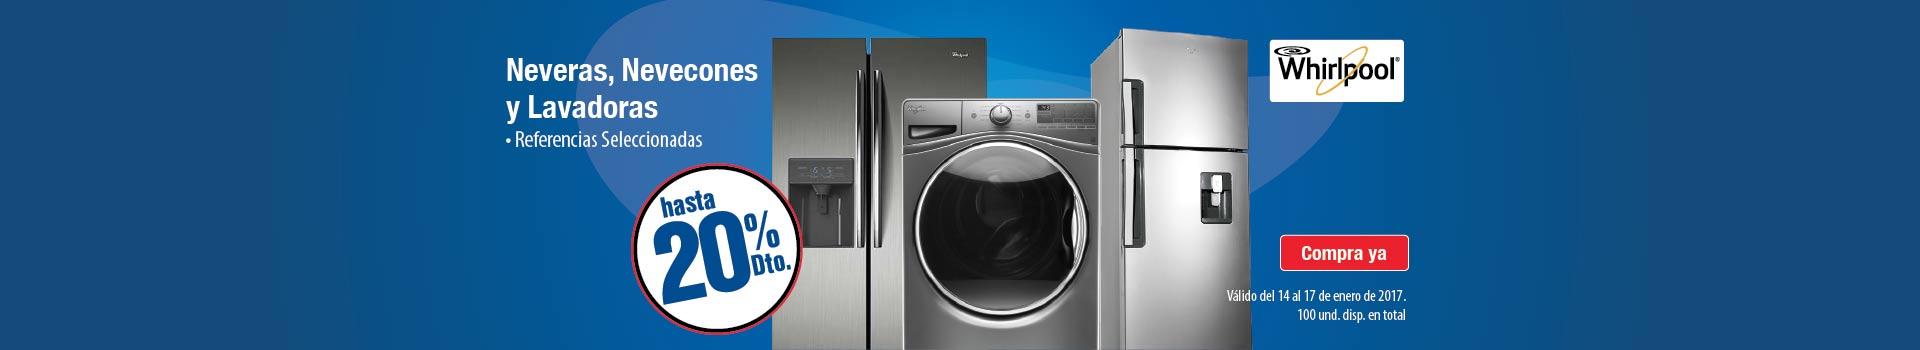 CAT REFRIGERACION enero 14 - Hasta 20%Dto Lavado y Refrigeración WHIRLPOOL Ref. Seleccionadas